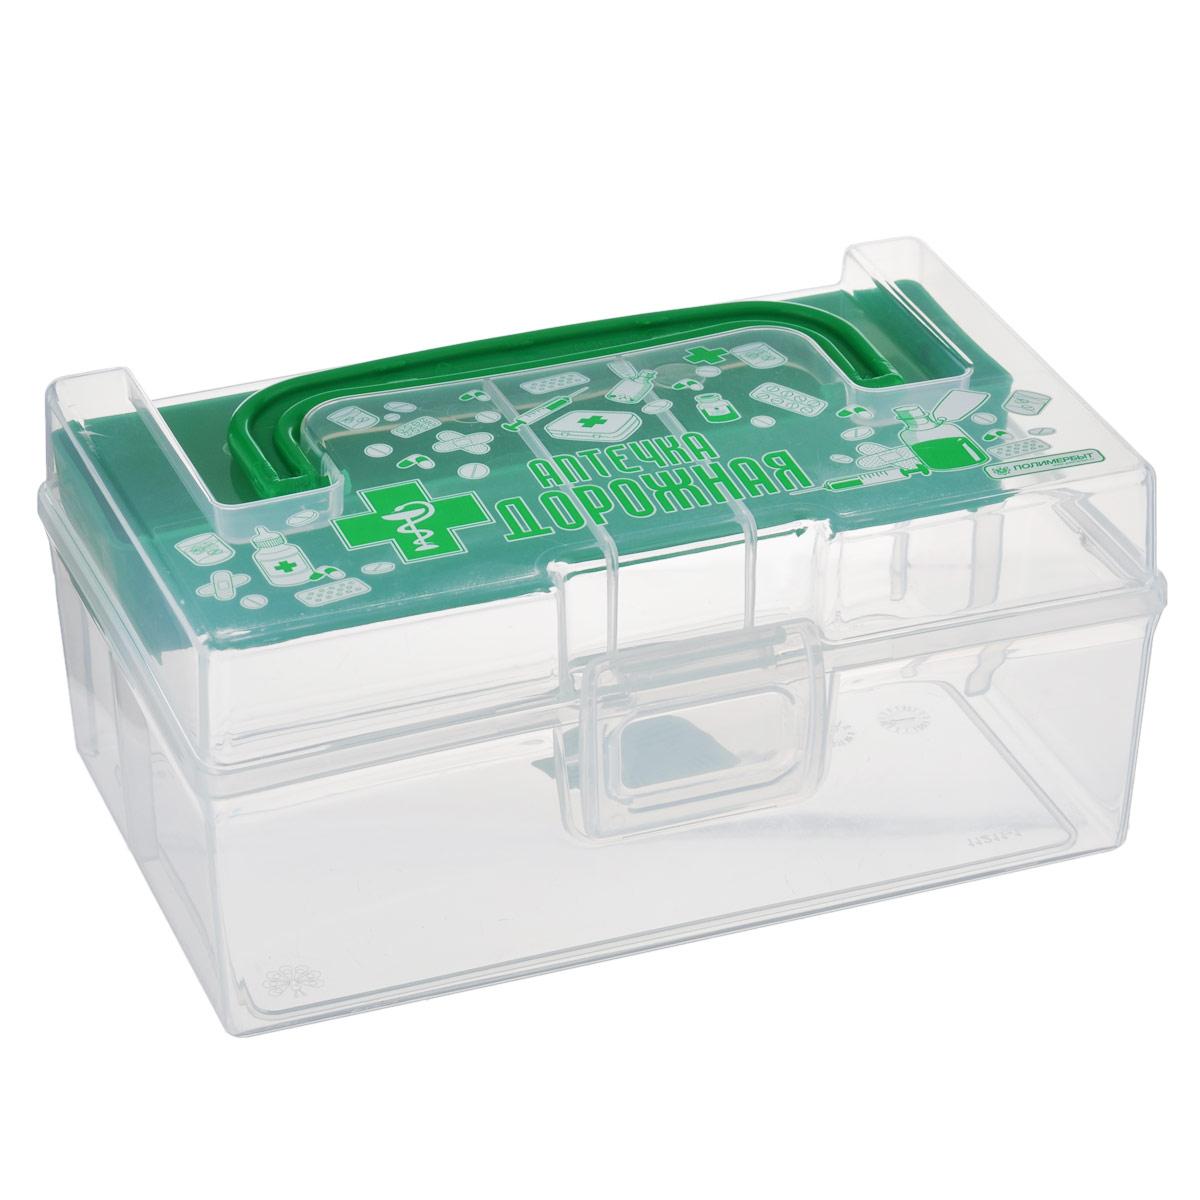 Контейнер для аптечки Полимербыт Аптечка дорожная, с вкладышем, цвет: зеленый, 800 мл стоимость аптечка